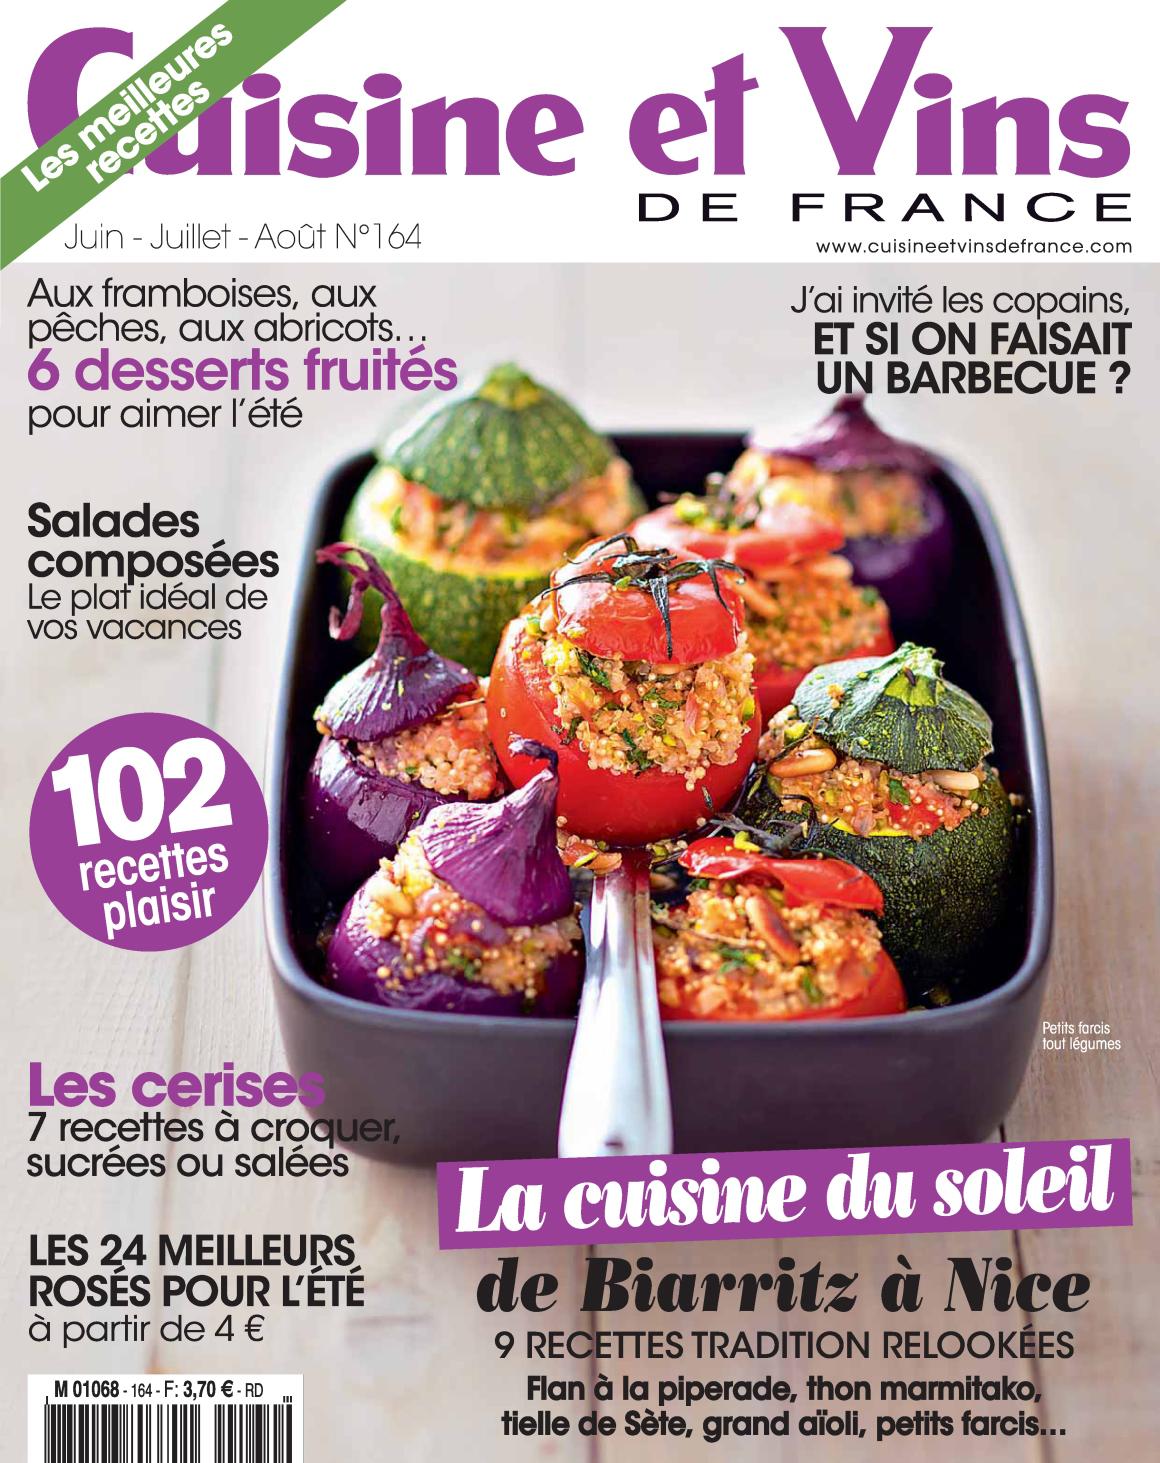 Bouillon d 39 id es un concentr de bons plans d 39 id es for Cuisine et vins de france